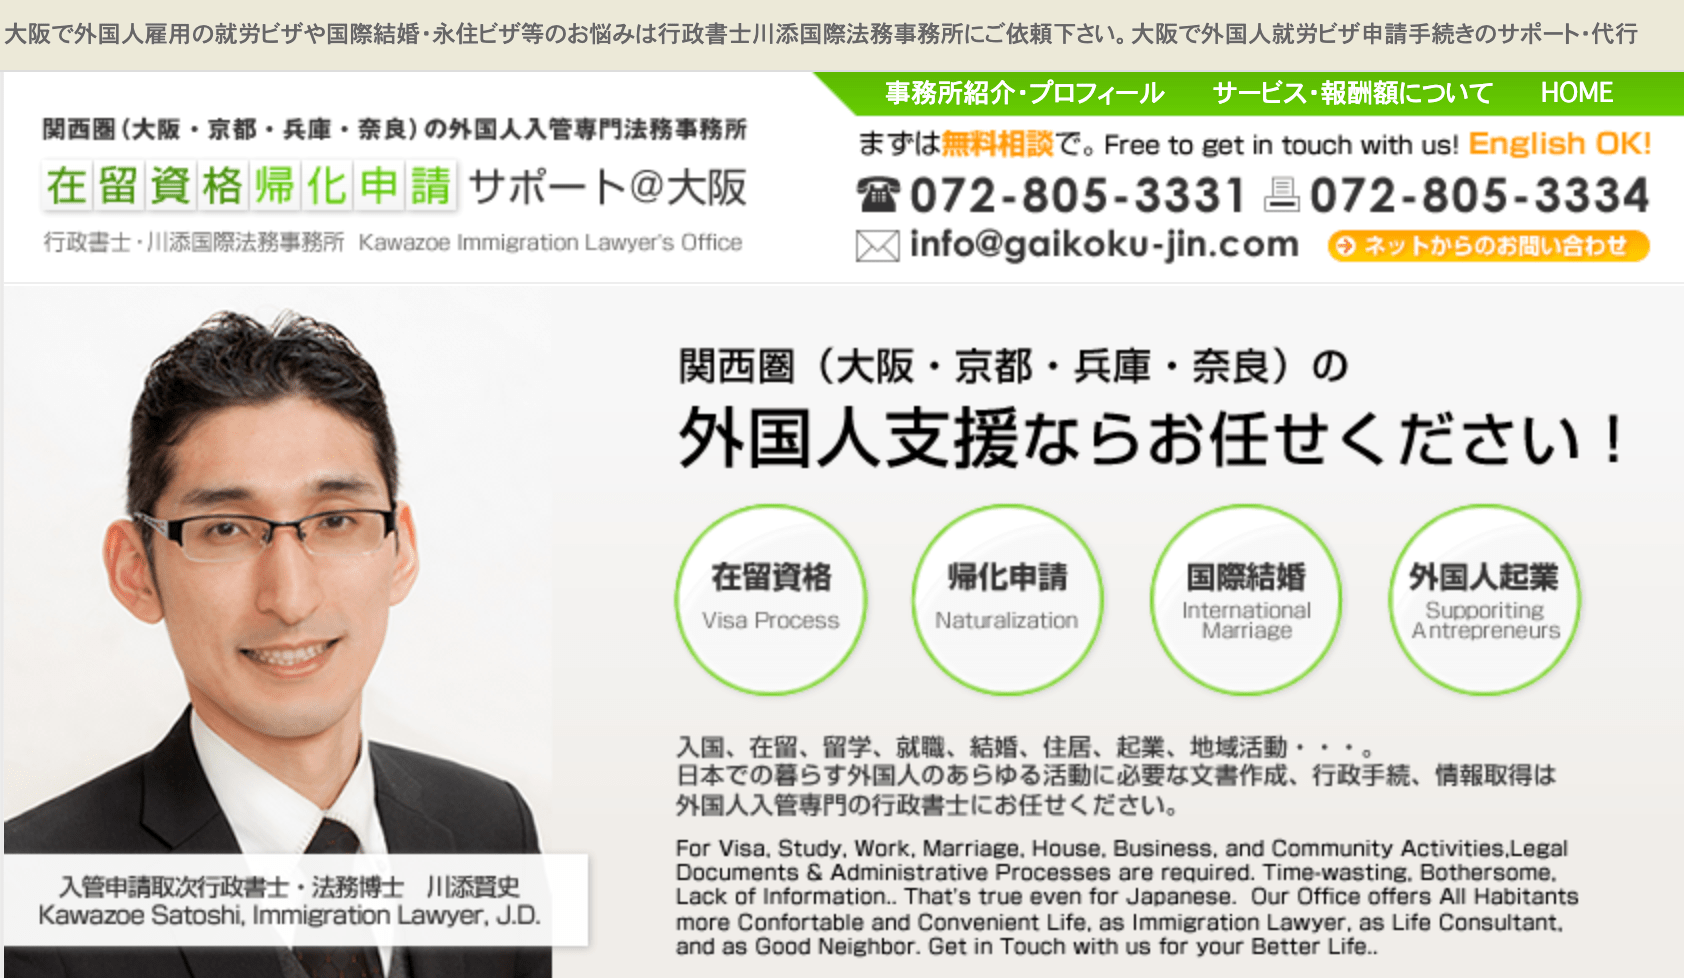 行政書士・川添国際法務事務所